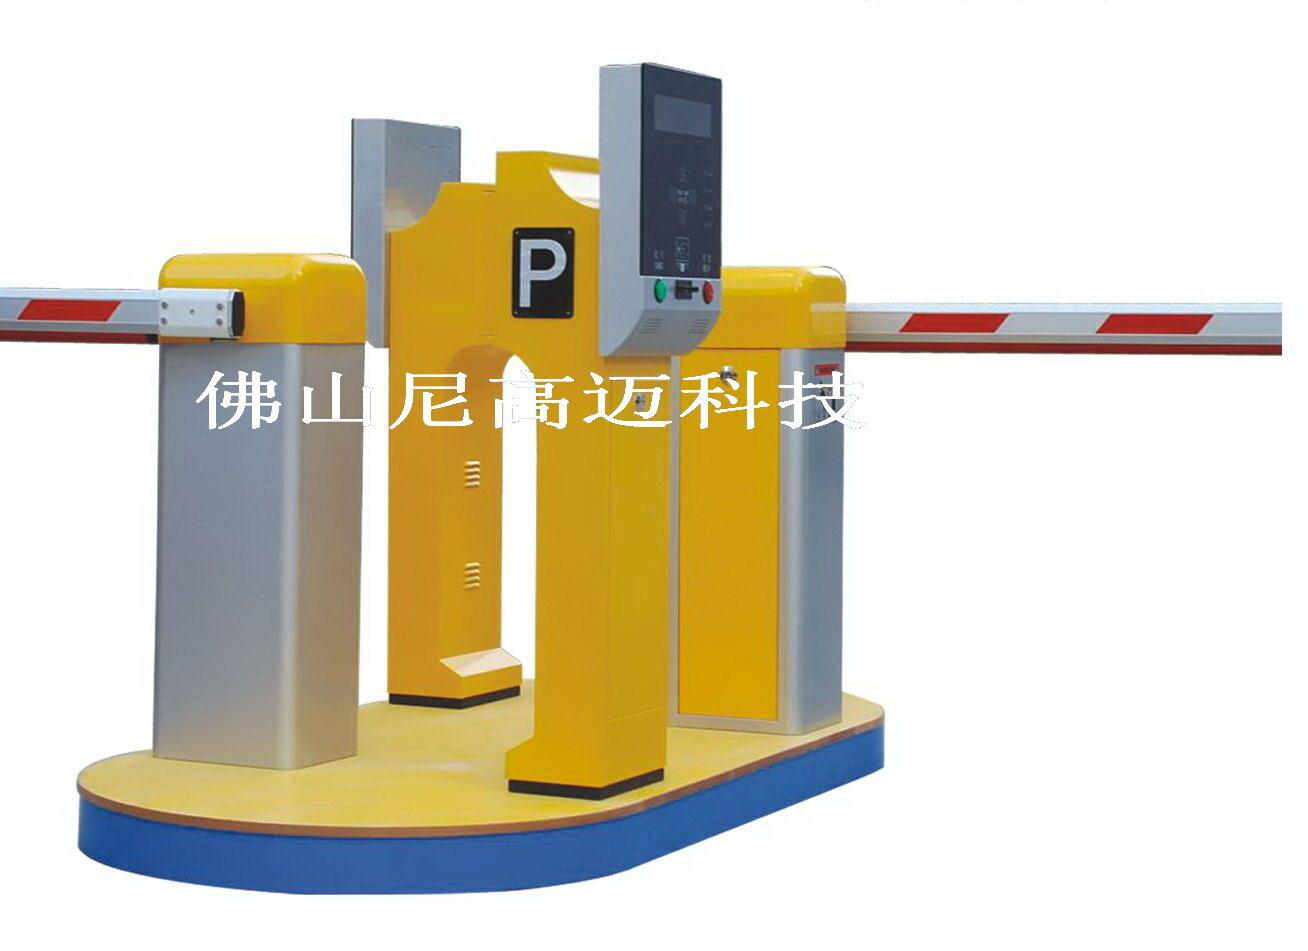 ngm-7-停车场打卡机,智能停车场出入口设备